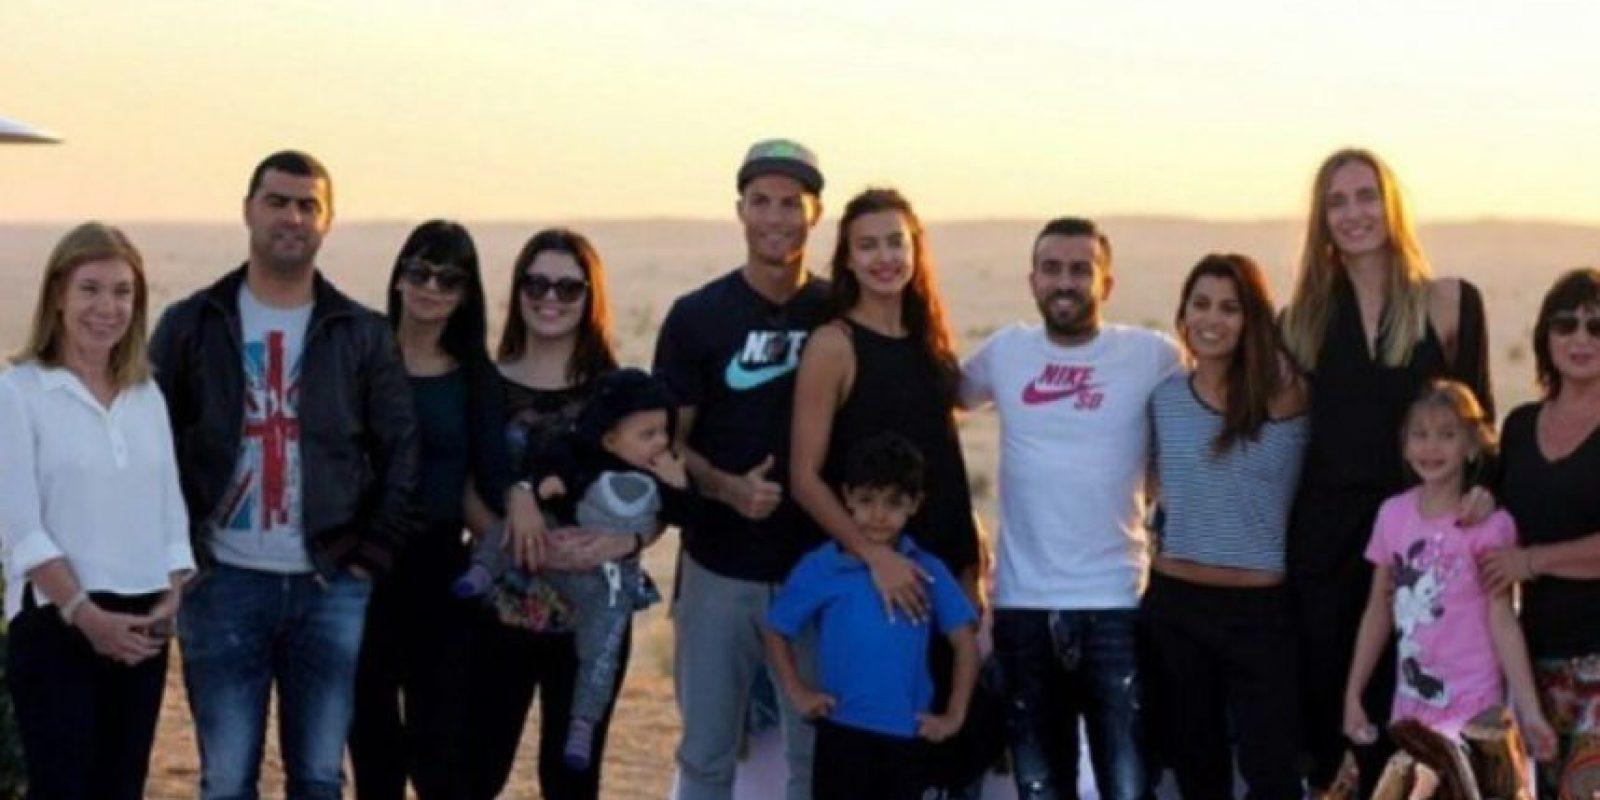 La última foto en la que aparecen juntos Irina y Cristiano es del 25 de diciembre de 2014. Foto:instagram.com/cristia no